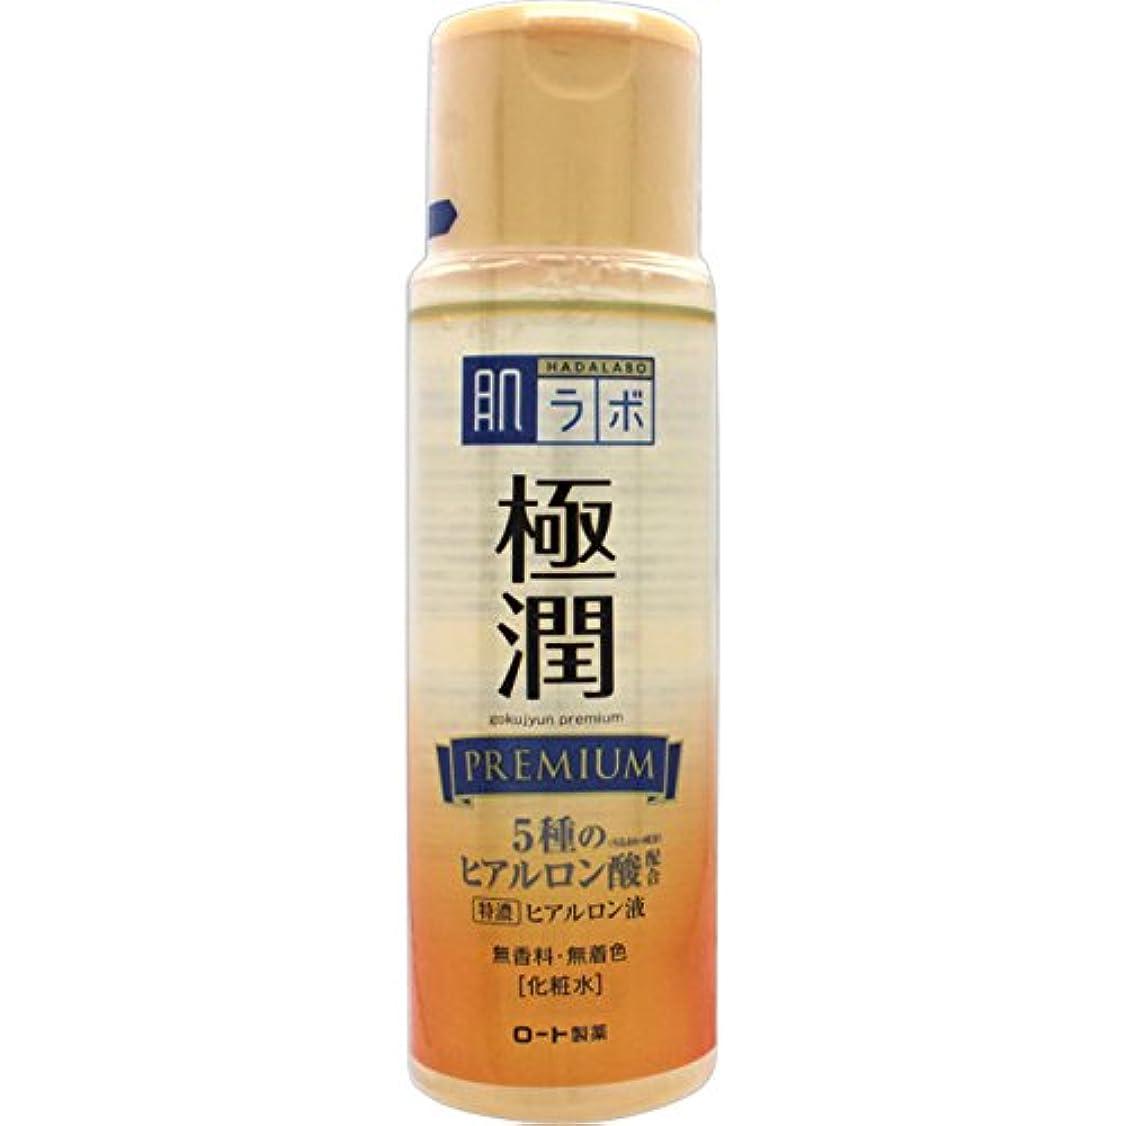 肌ラボ 極潤プレミアム 特濃ヒアルロン酸 化粧水 ヒアルロン酸5種類×サクラン配合 170mL